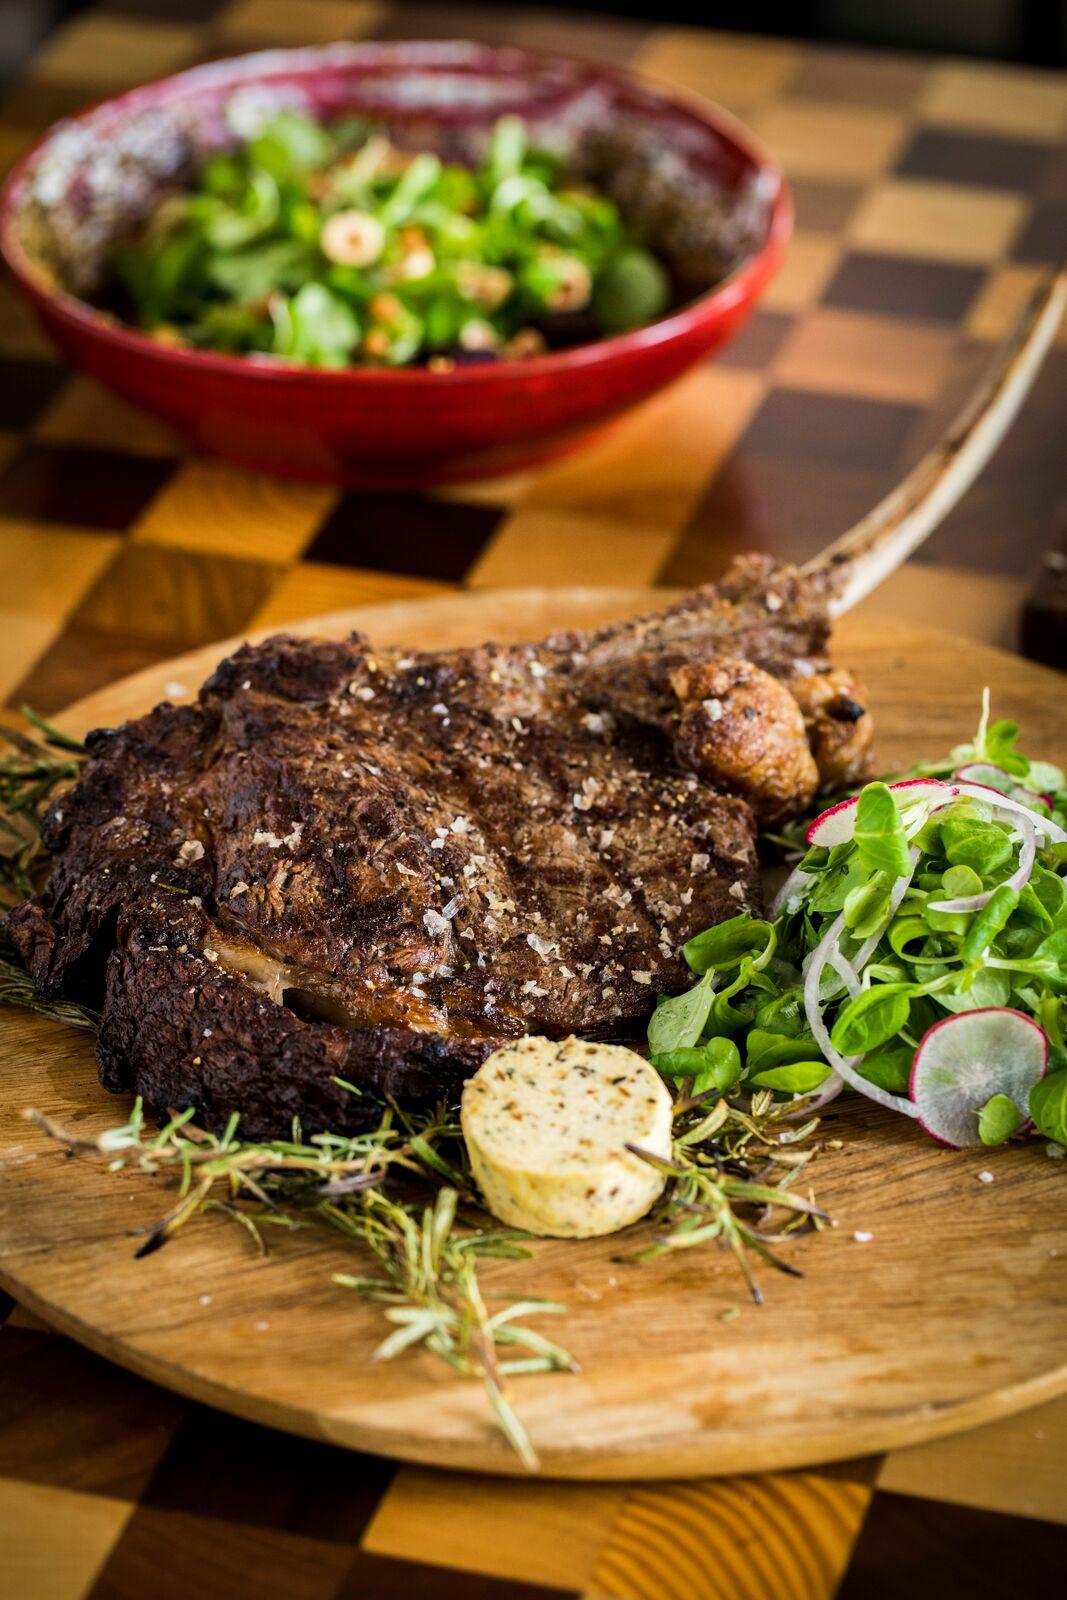 مطعم واستراحة غرايز يطلق قائمة طعامه نو بول الصيفية